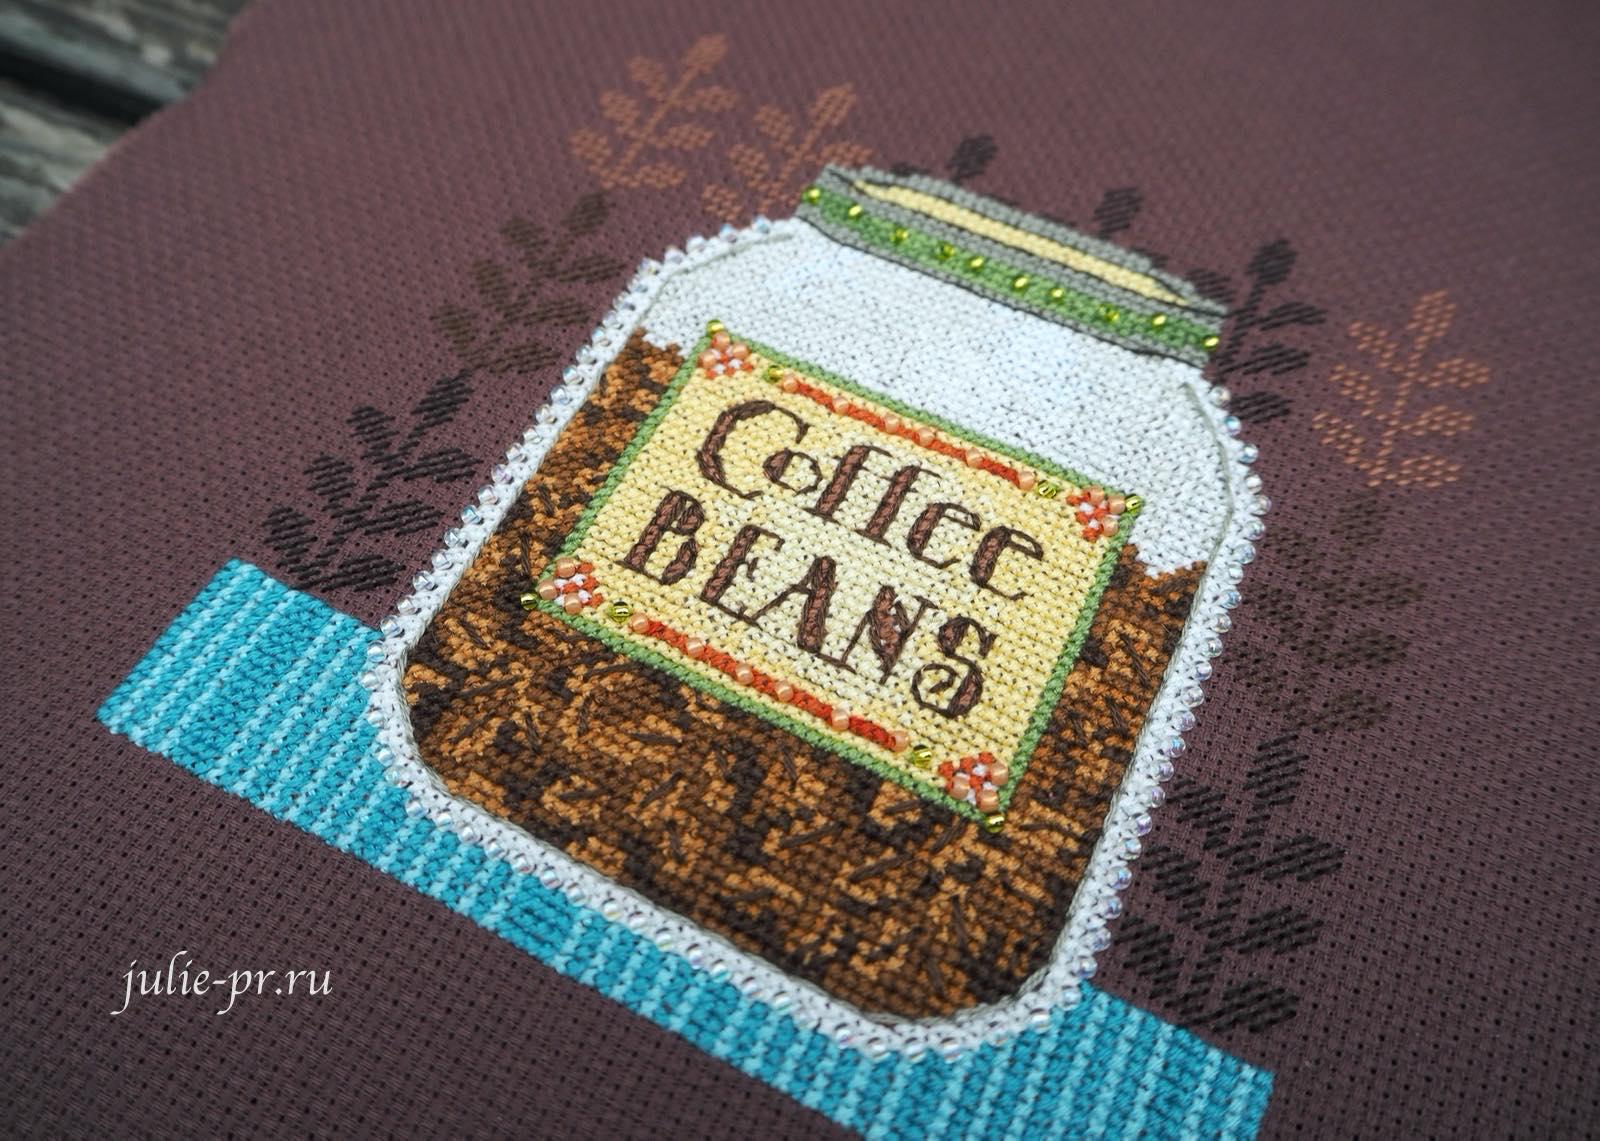 Mill Hill DM30-1616, Coffee Beans, Кофейные зёрна, кофе, вышивка крестом, вышивка бисером